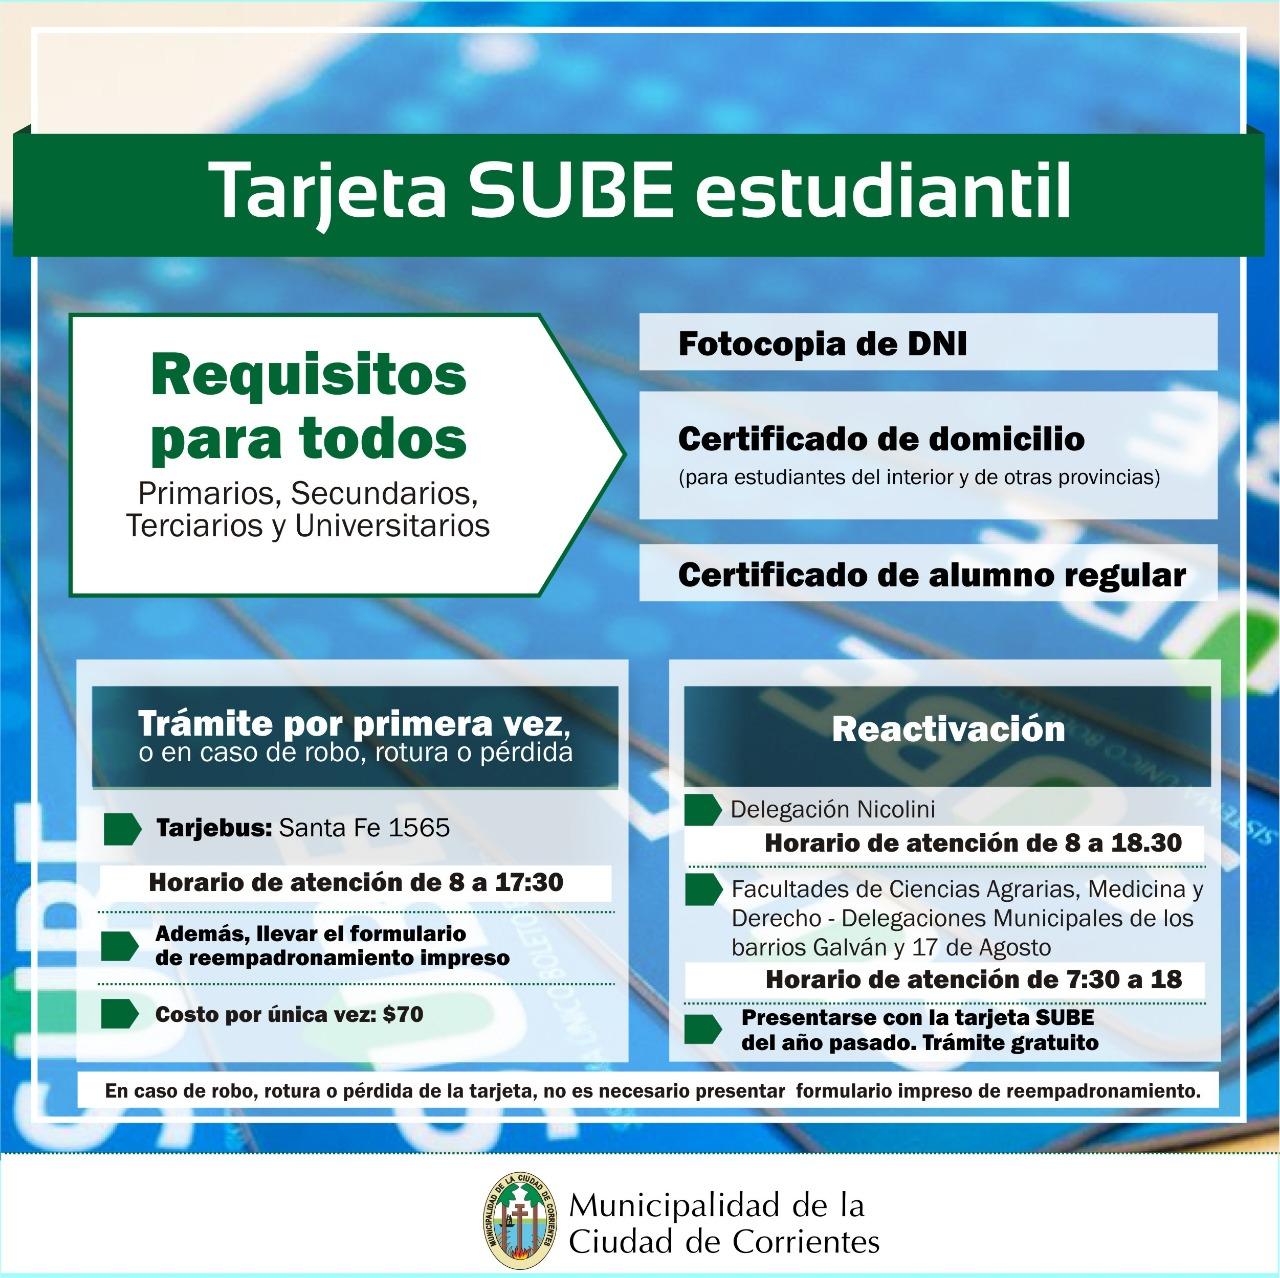 La Municipalidad amplió los horarios de atención para cubrir la demanda de trámites de la SUBE